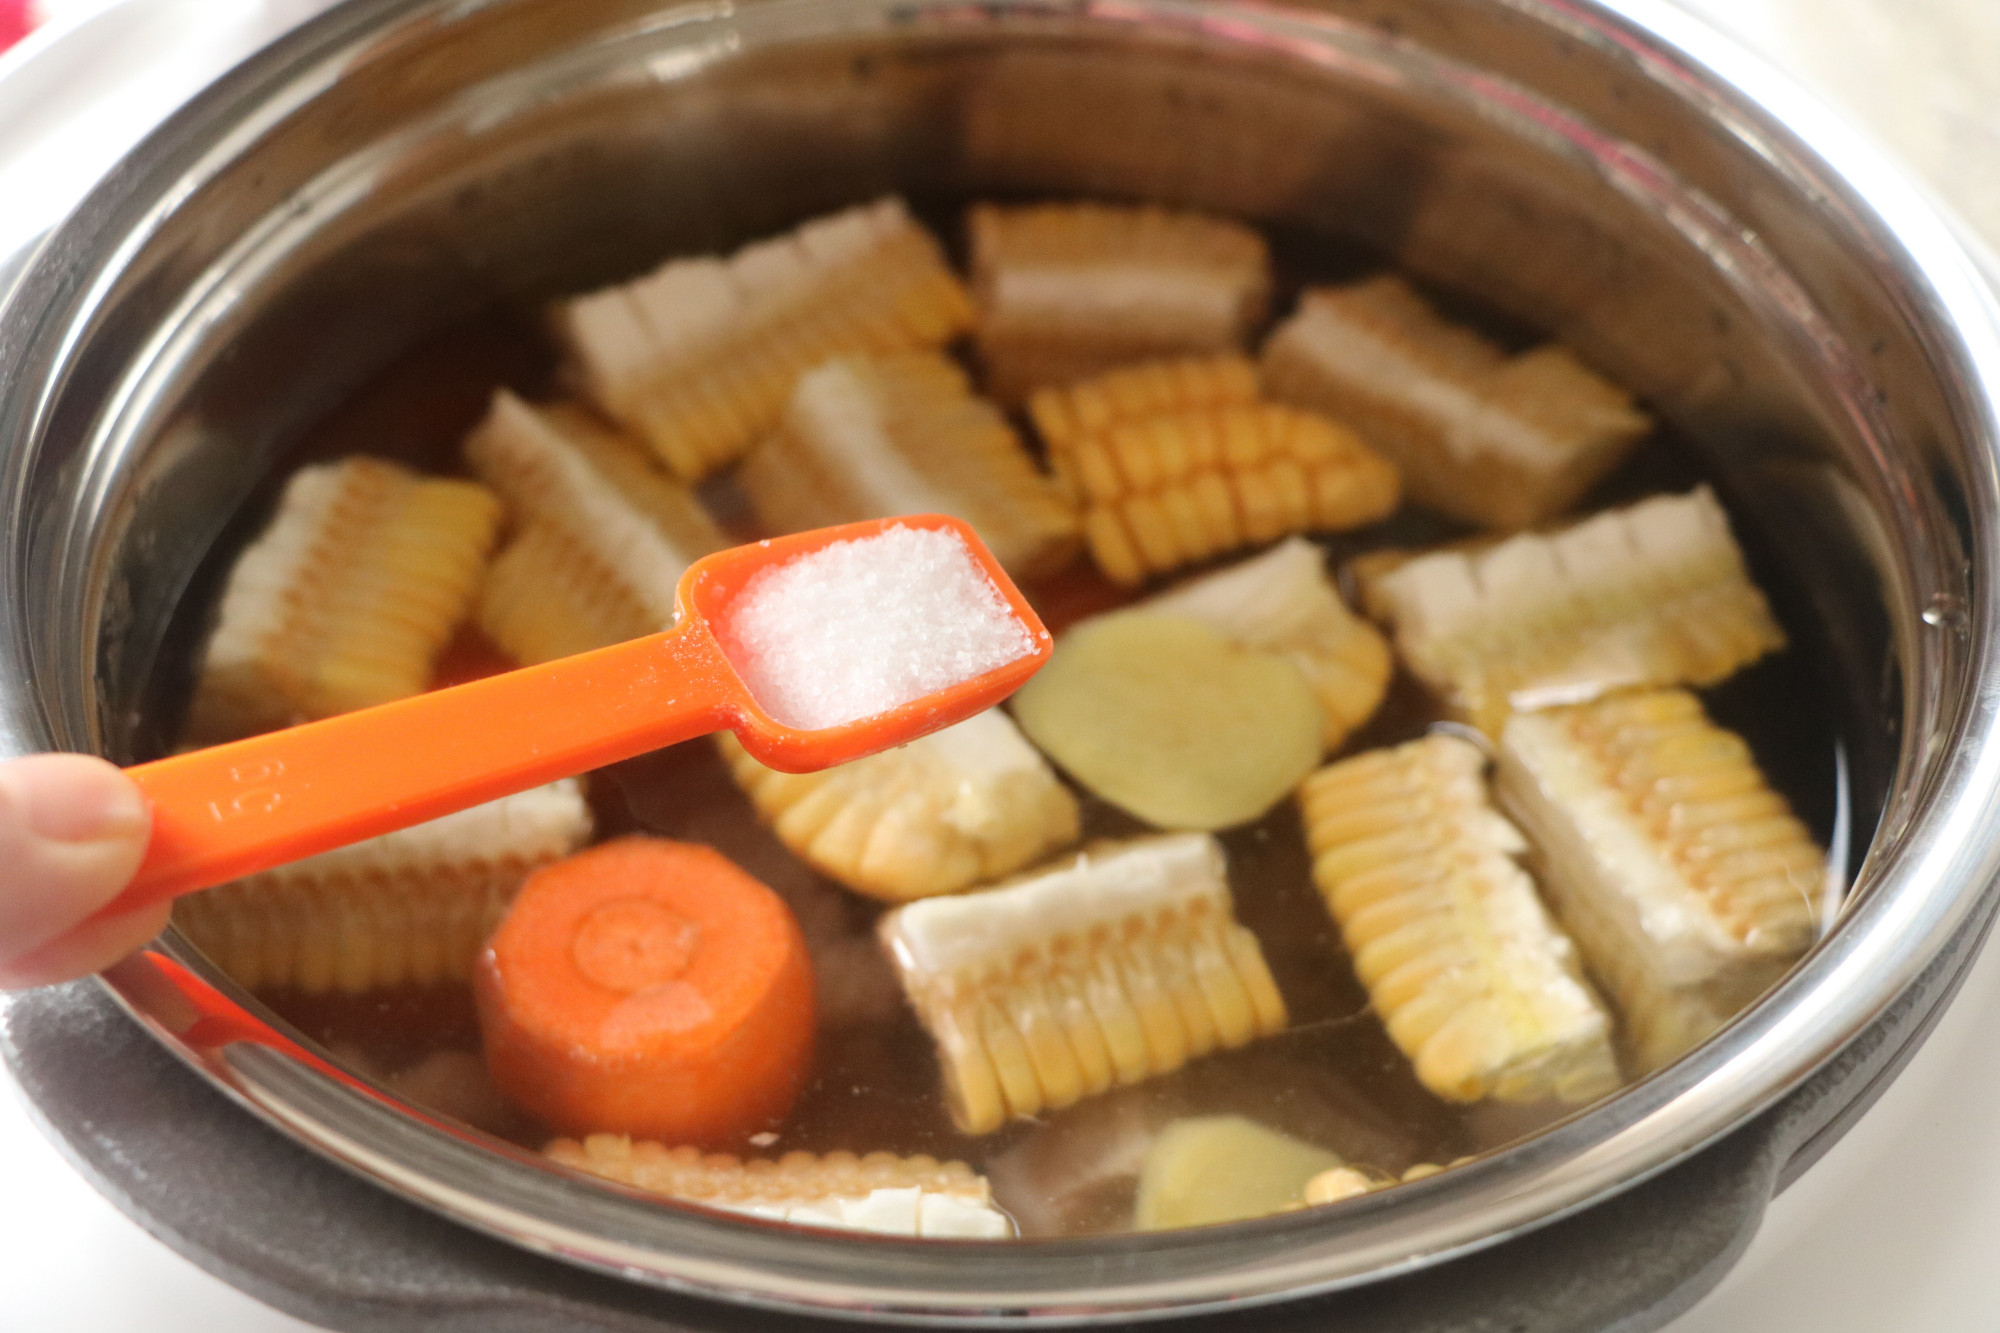 天氣轉涼,燉上這樣一道湯水,暖心暖胃好營養,老人孩子超愛喝